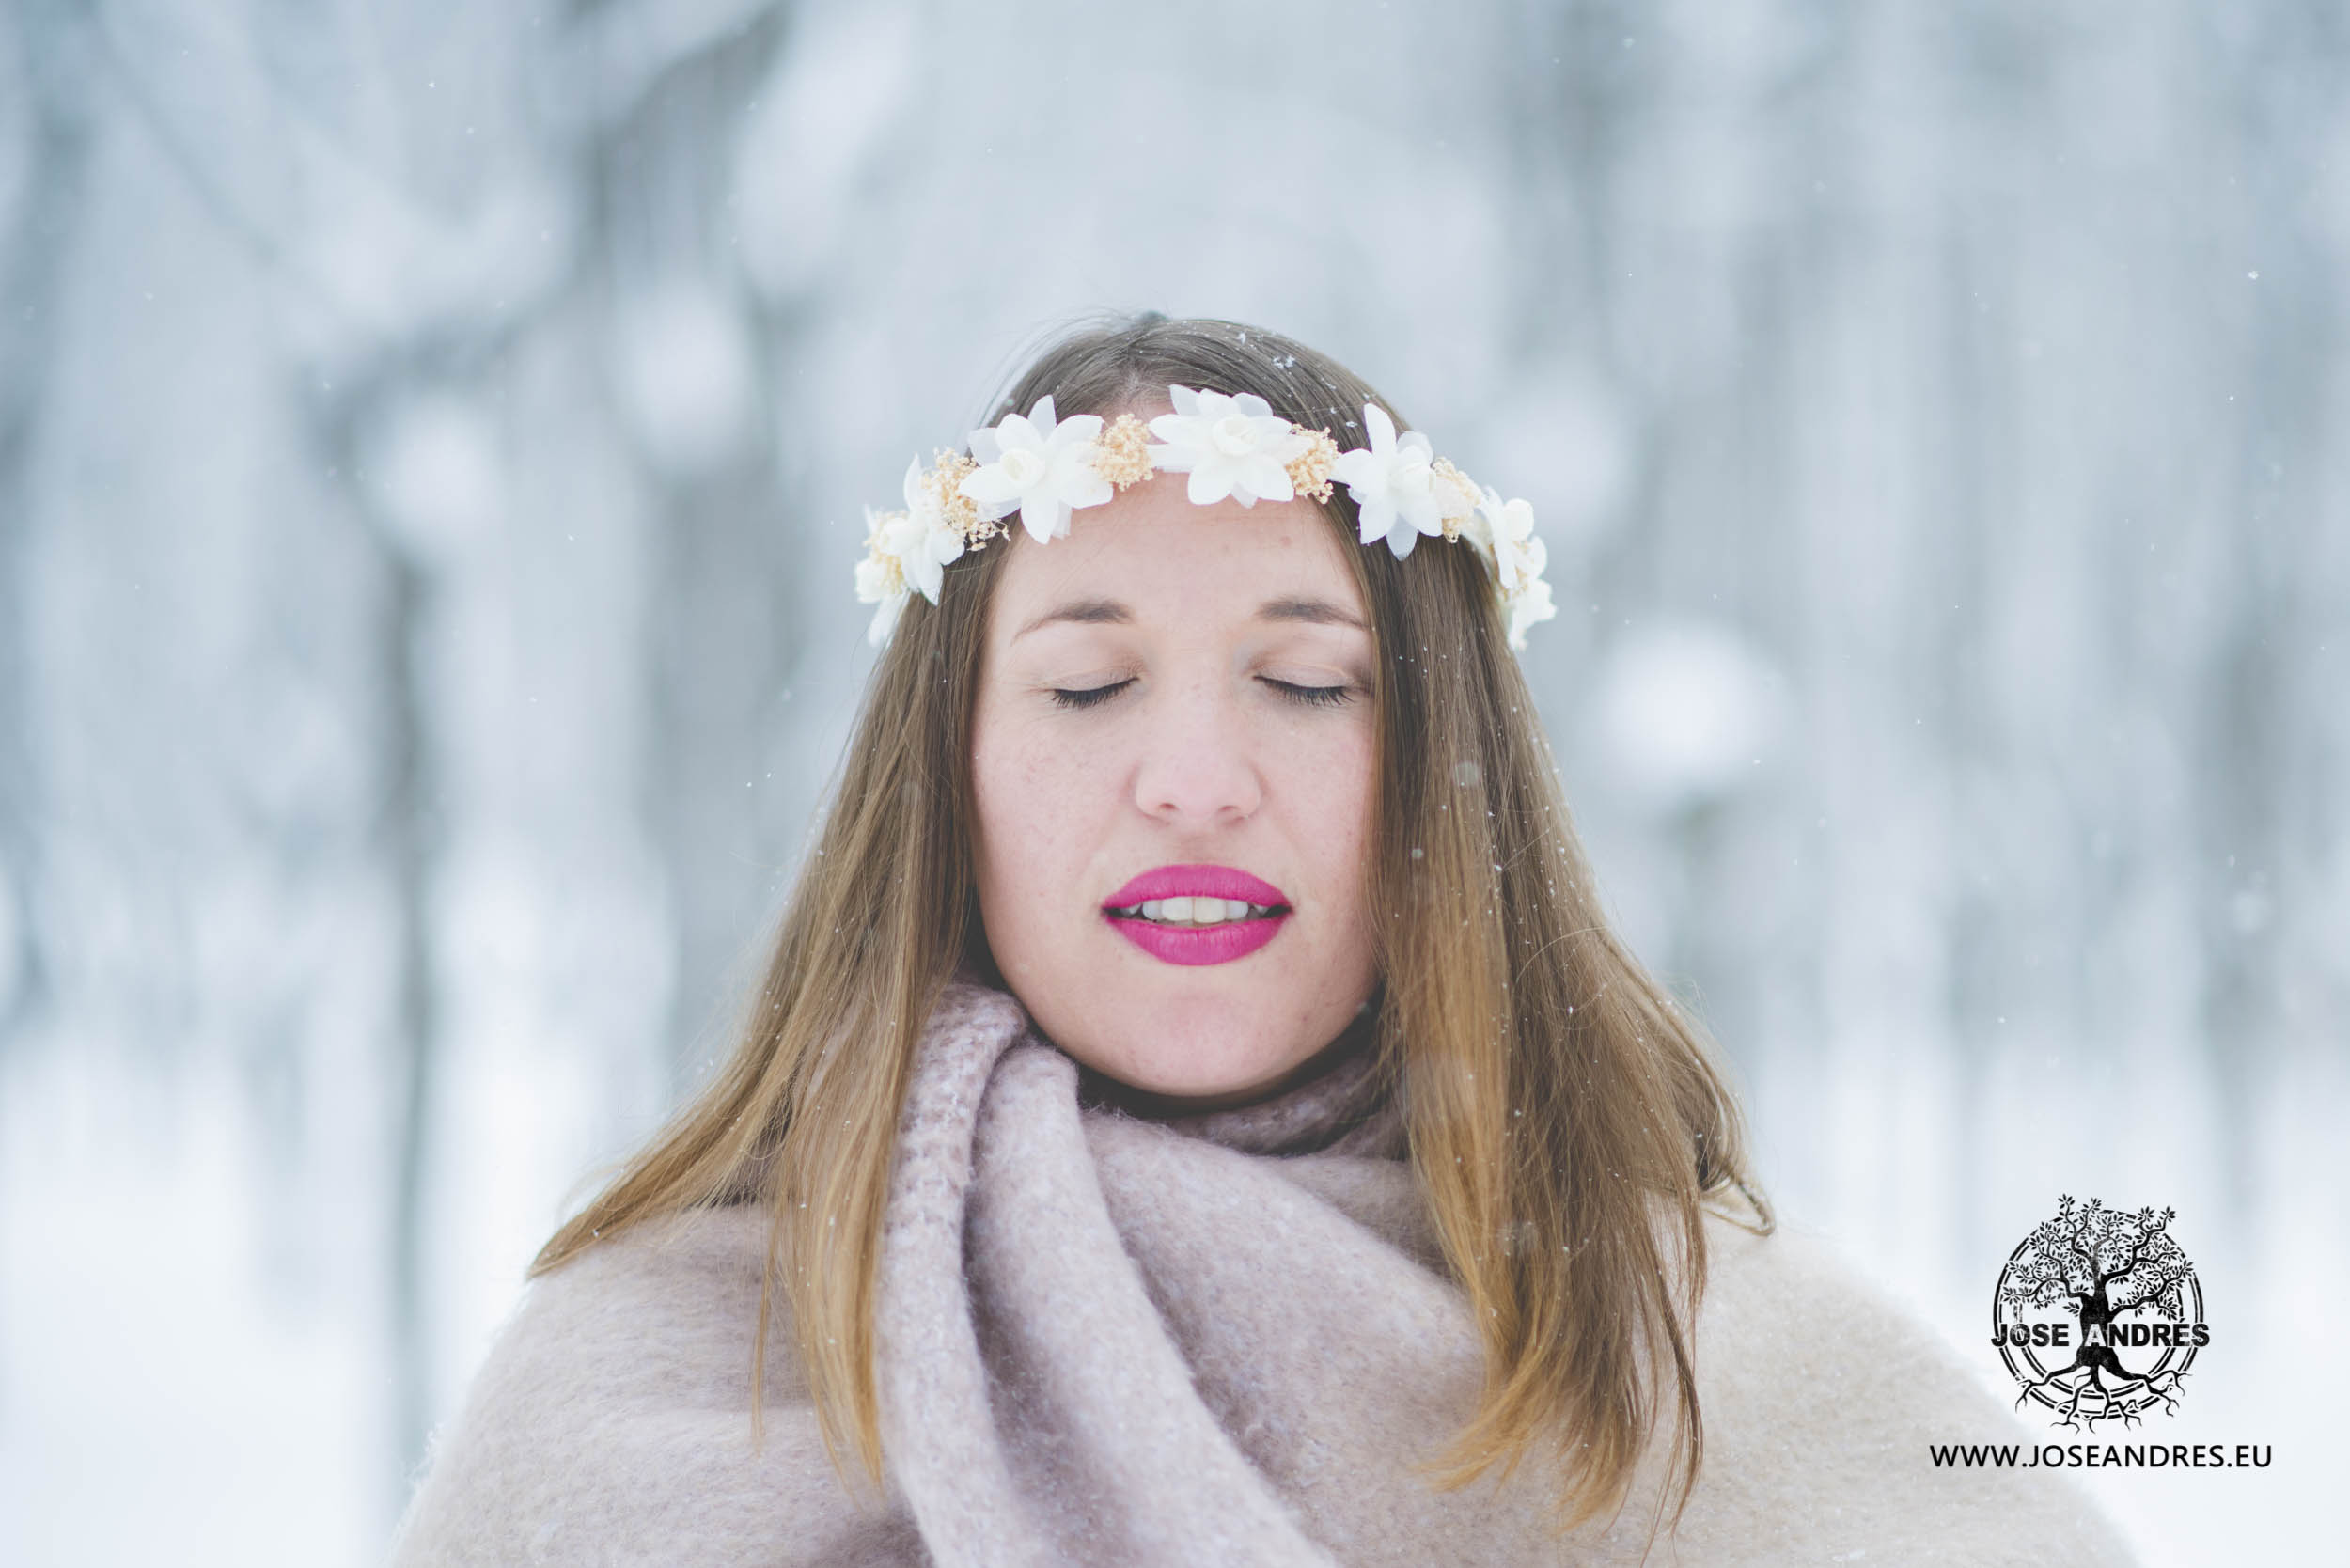 Preboda en la nieve, preboda en Jaca, preboda en Formigal, preboda en el frío, preboda con nieve